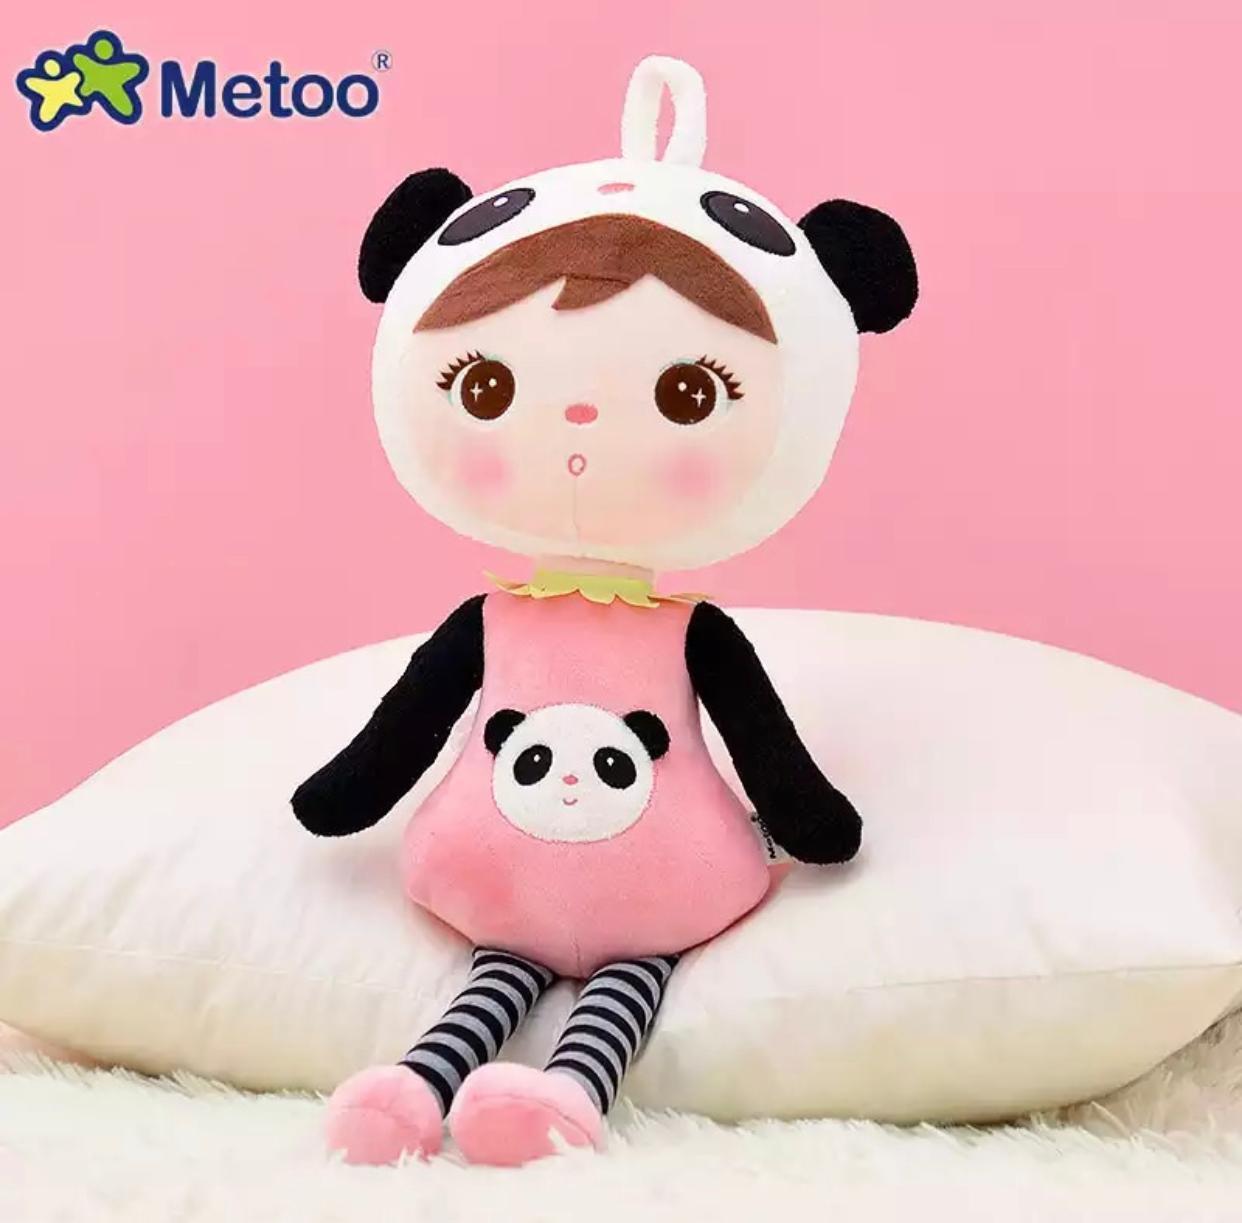 Boneca Metoo Panda 45 cm Febre Berço de Bebê Decoração